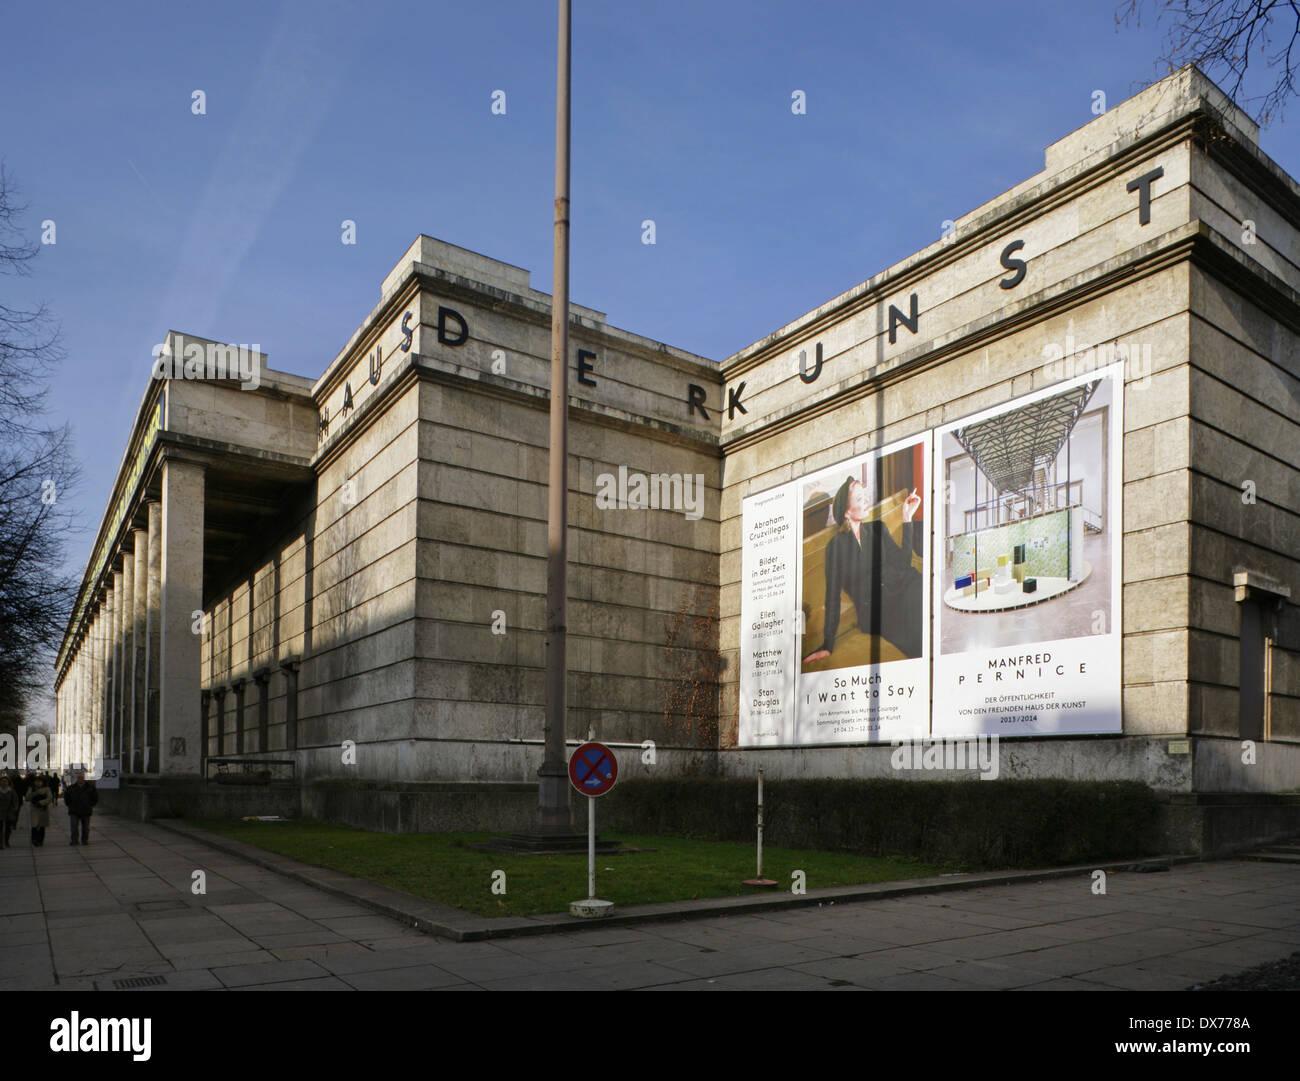 The Haus Der Kunst Or House Of Art Modern Art Museum Munich Stock